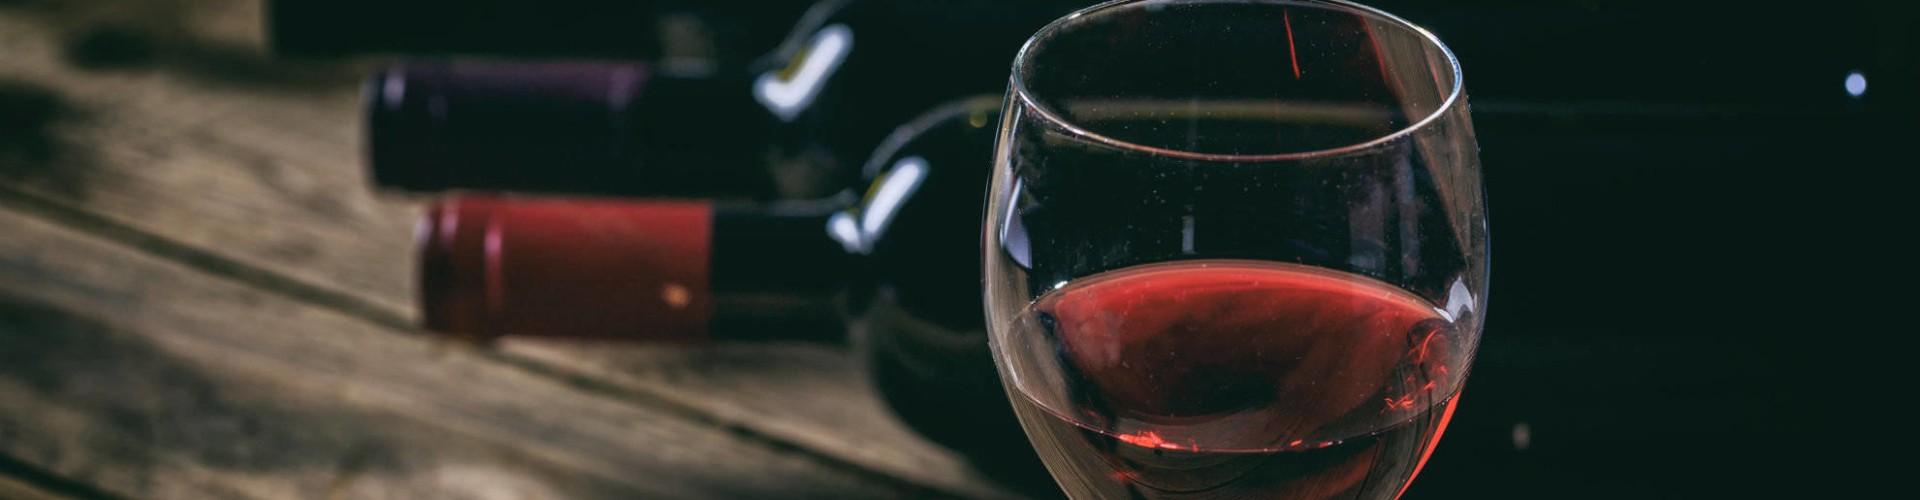 Vini Valtellina: i vini rossi e passiti